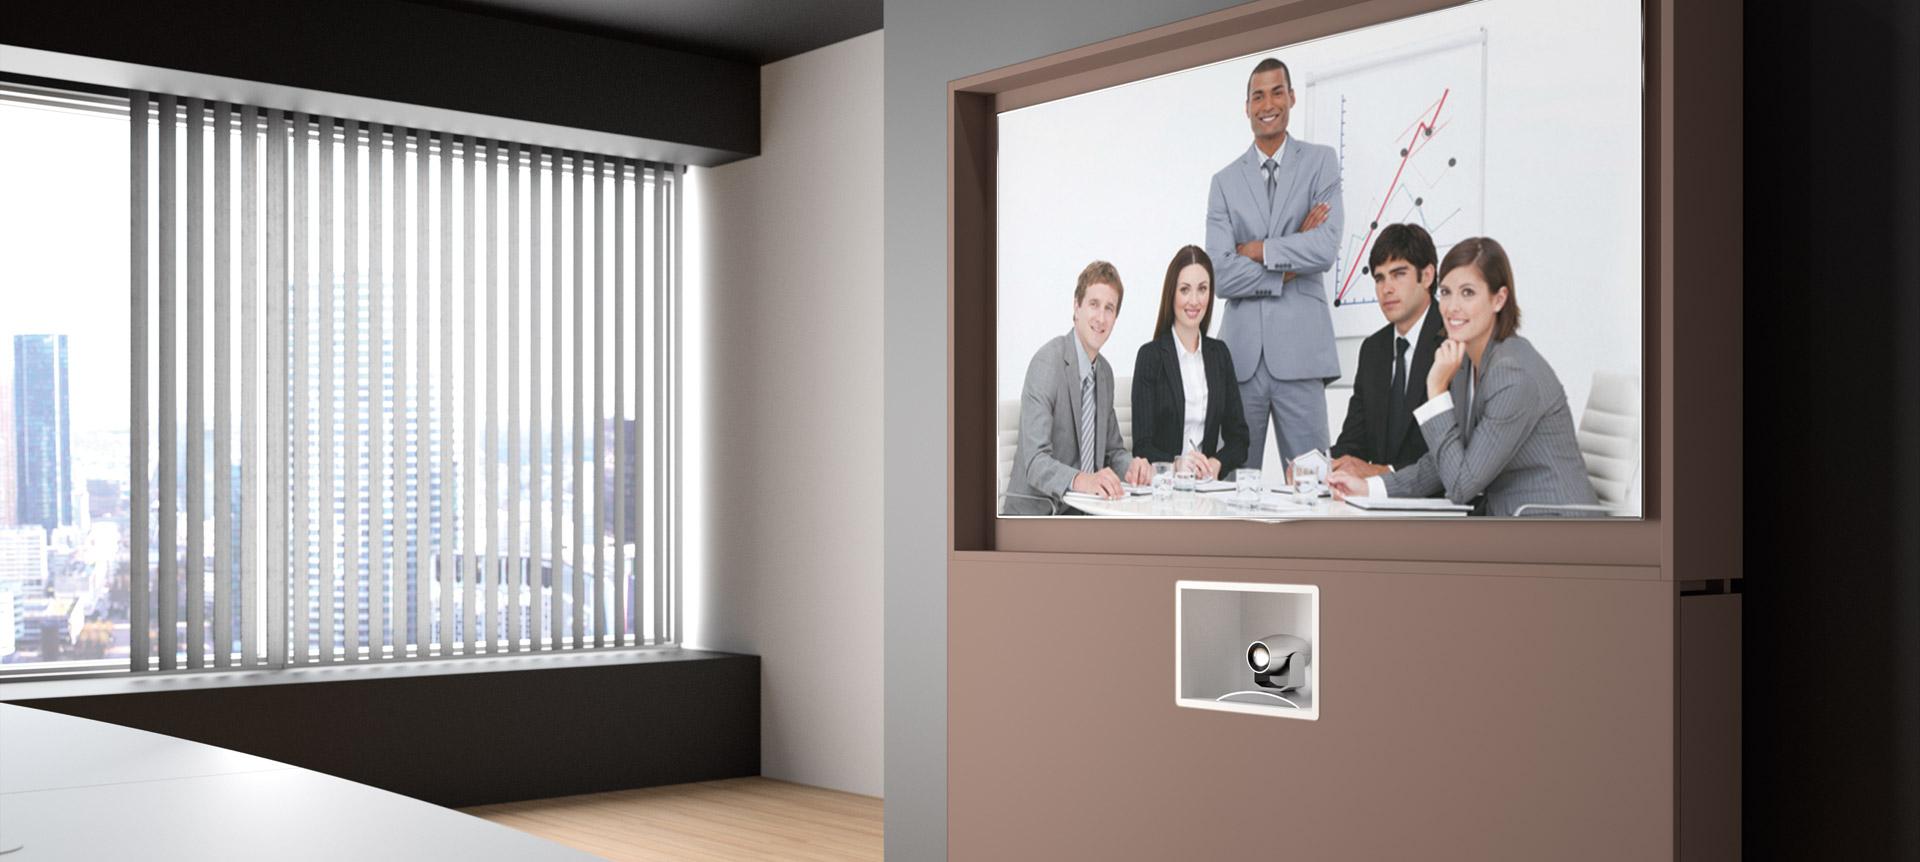 WEMEET REMOTE - Meuble connecté pour salle de visioconférence